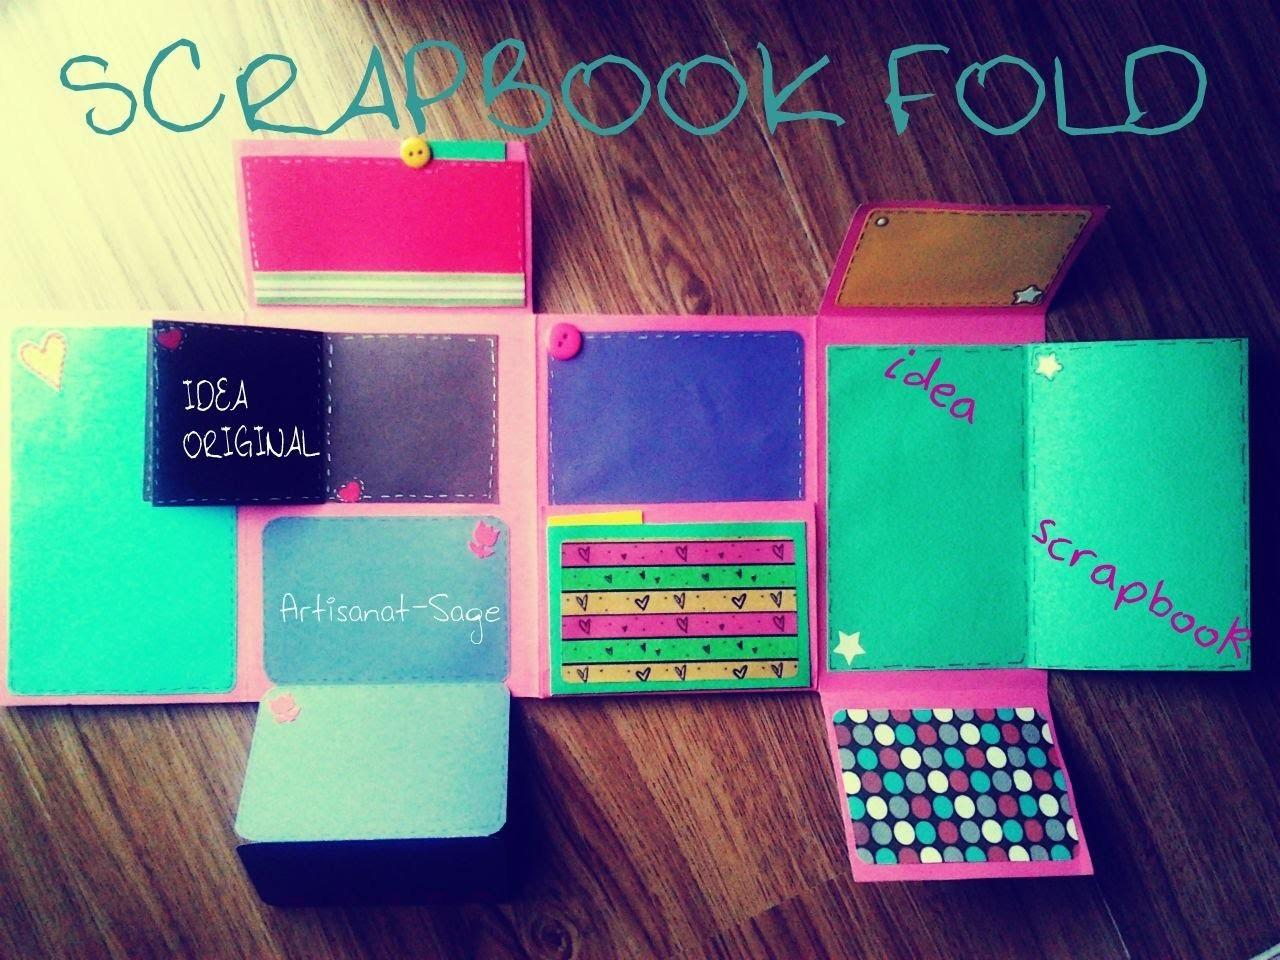 SCRAPBOOK FOLD